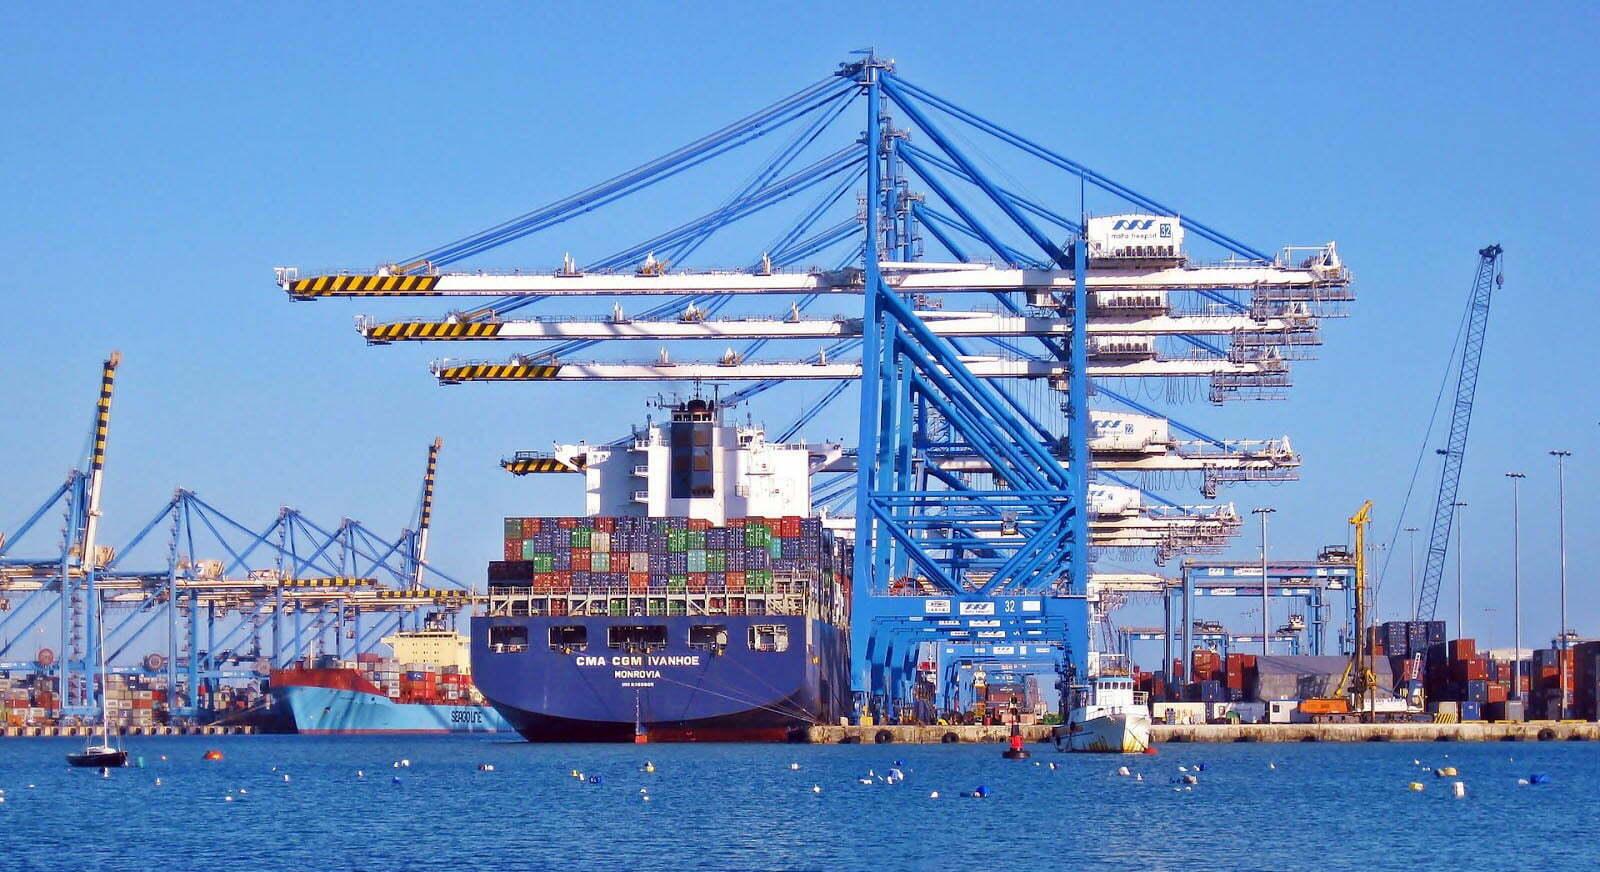 TGI International Shipping